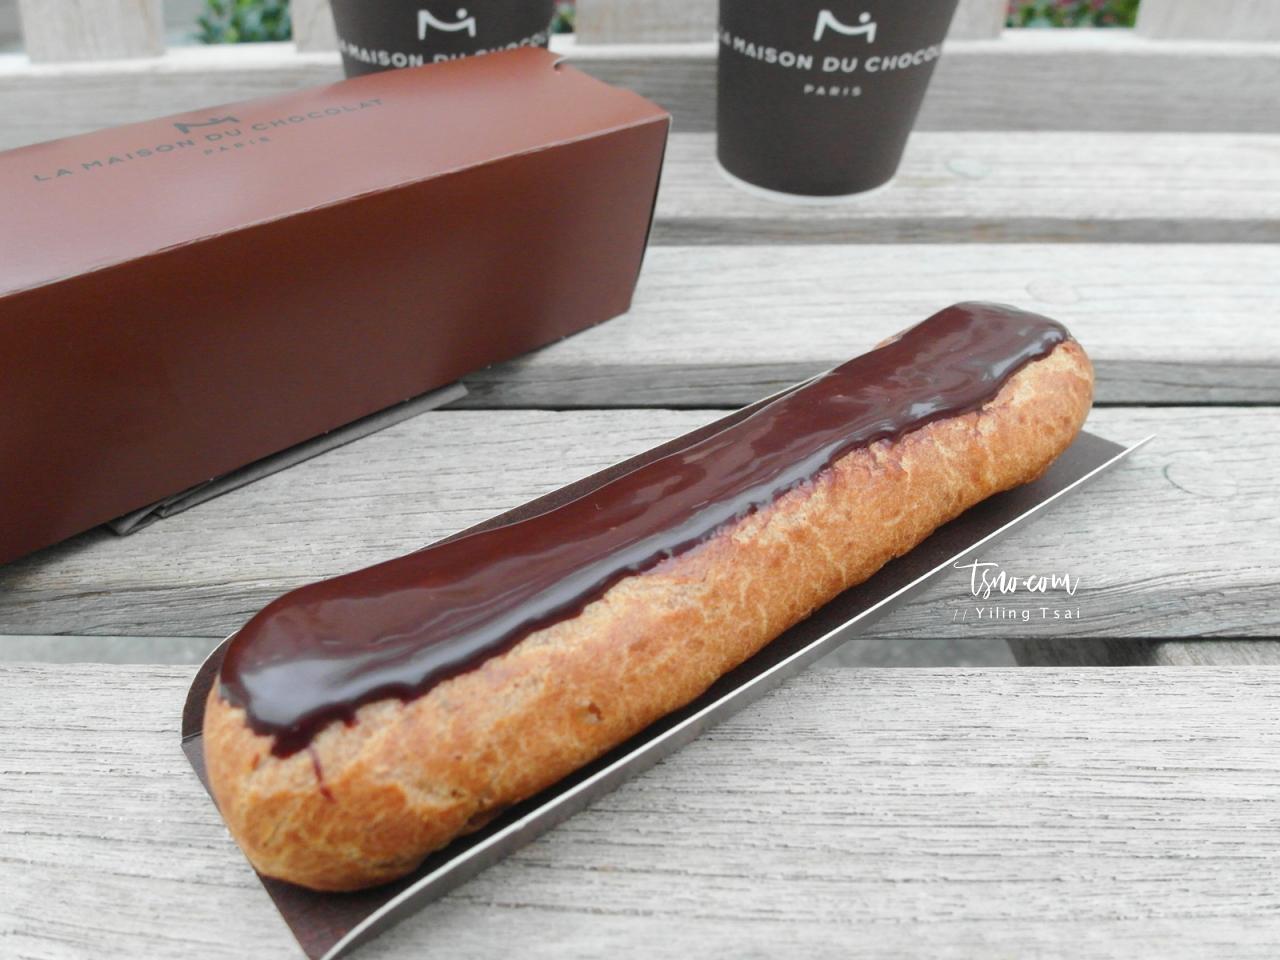 法國巴黎甜點推薦 La Maison du Chocolat 心目中全世界最好喝的熱巧克力